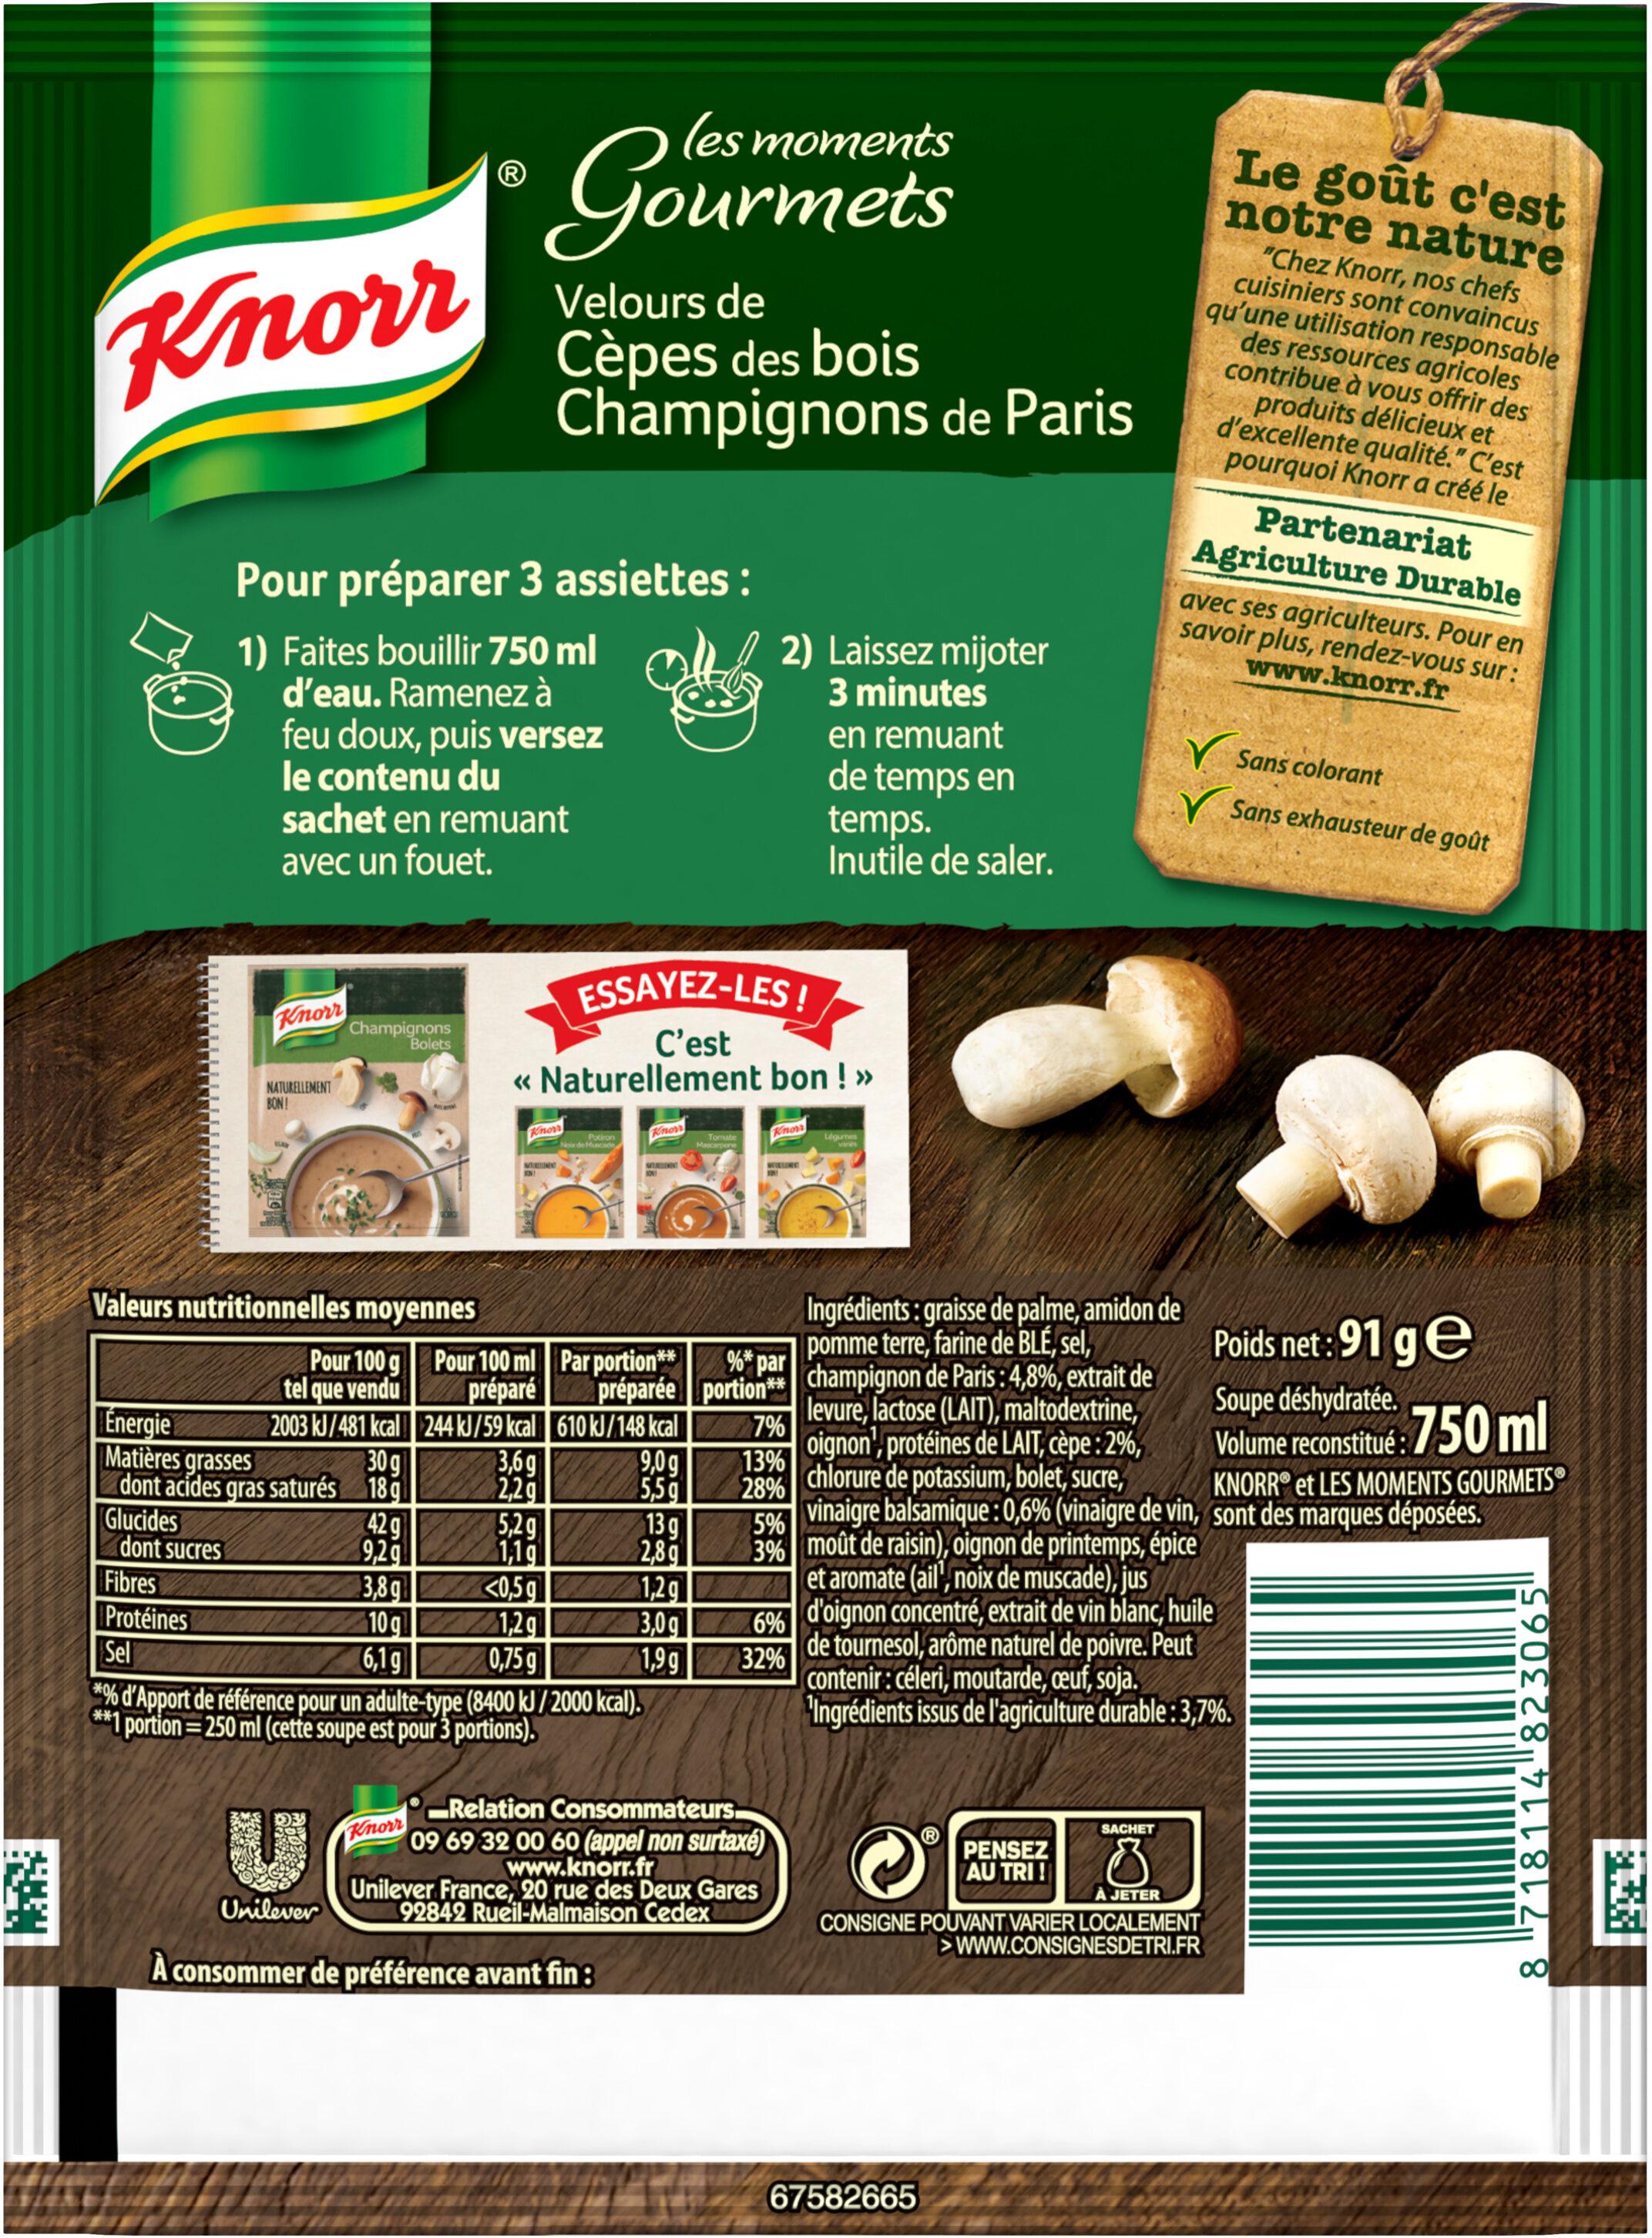 Knorr Moments Gourmets Soupe Velours de Cèpes Champignons 91g 3 Portions - Ingrediënten - fr